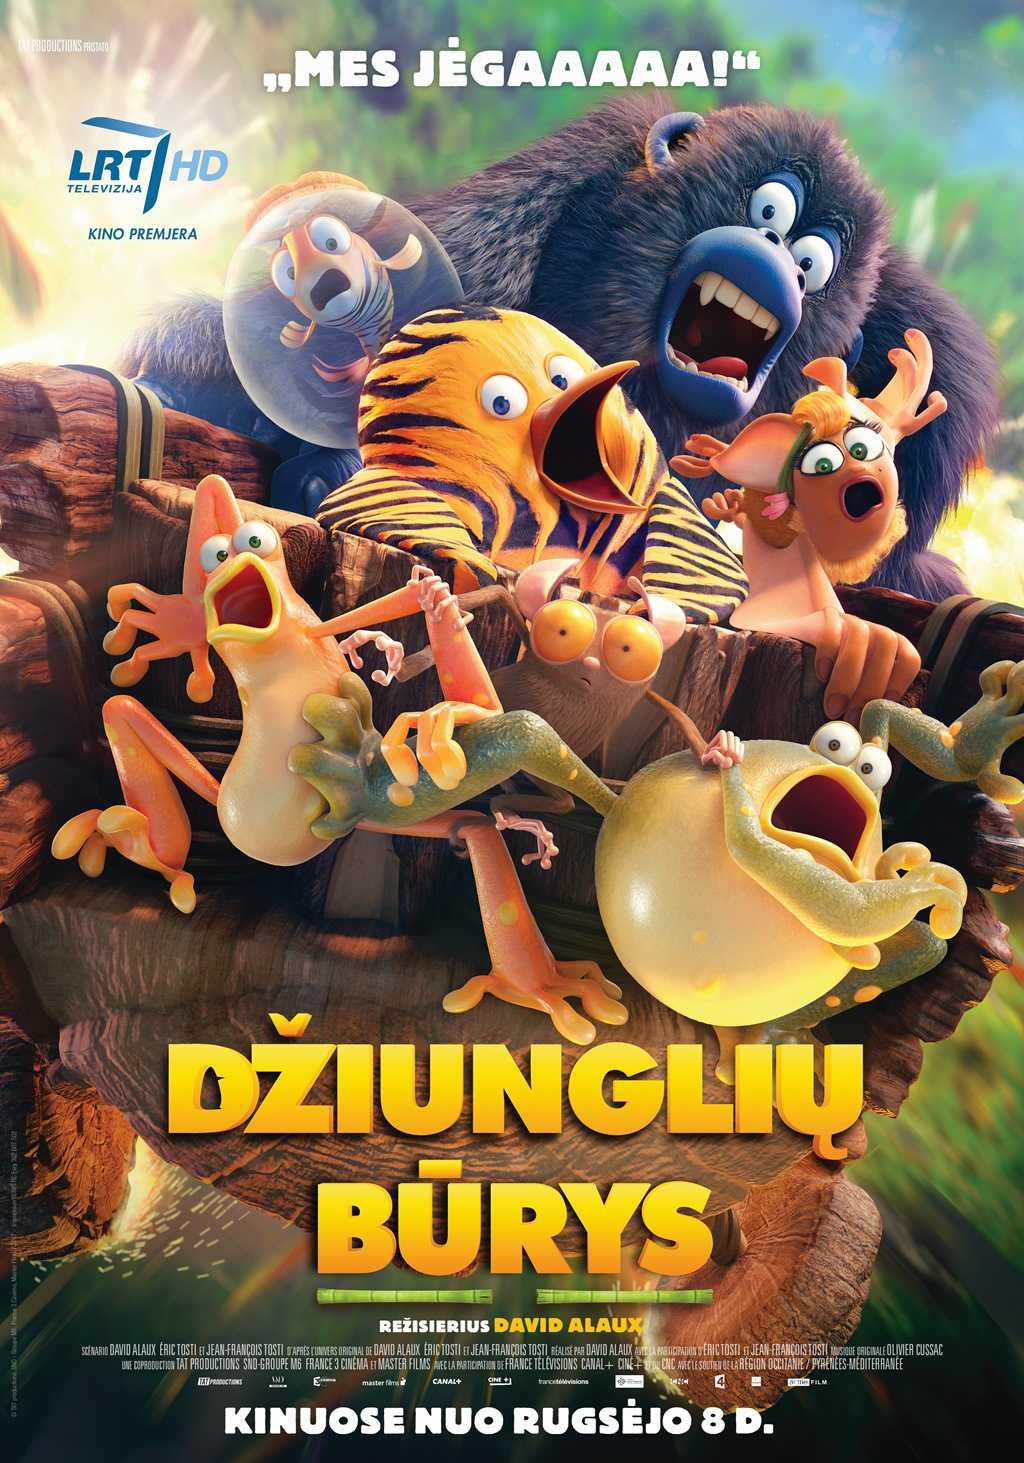 Džiunglių būrys (Jungle Bunch)